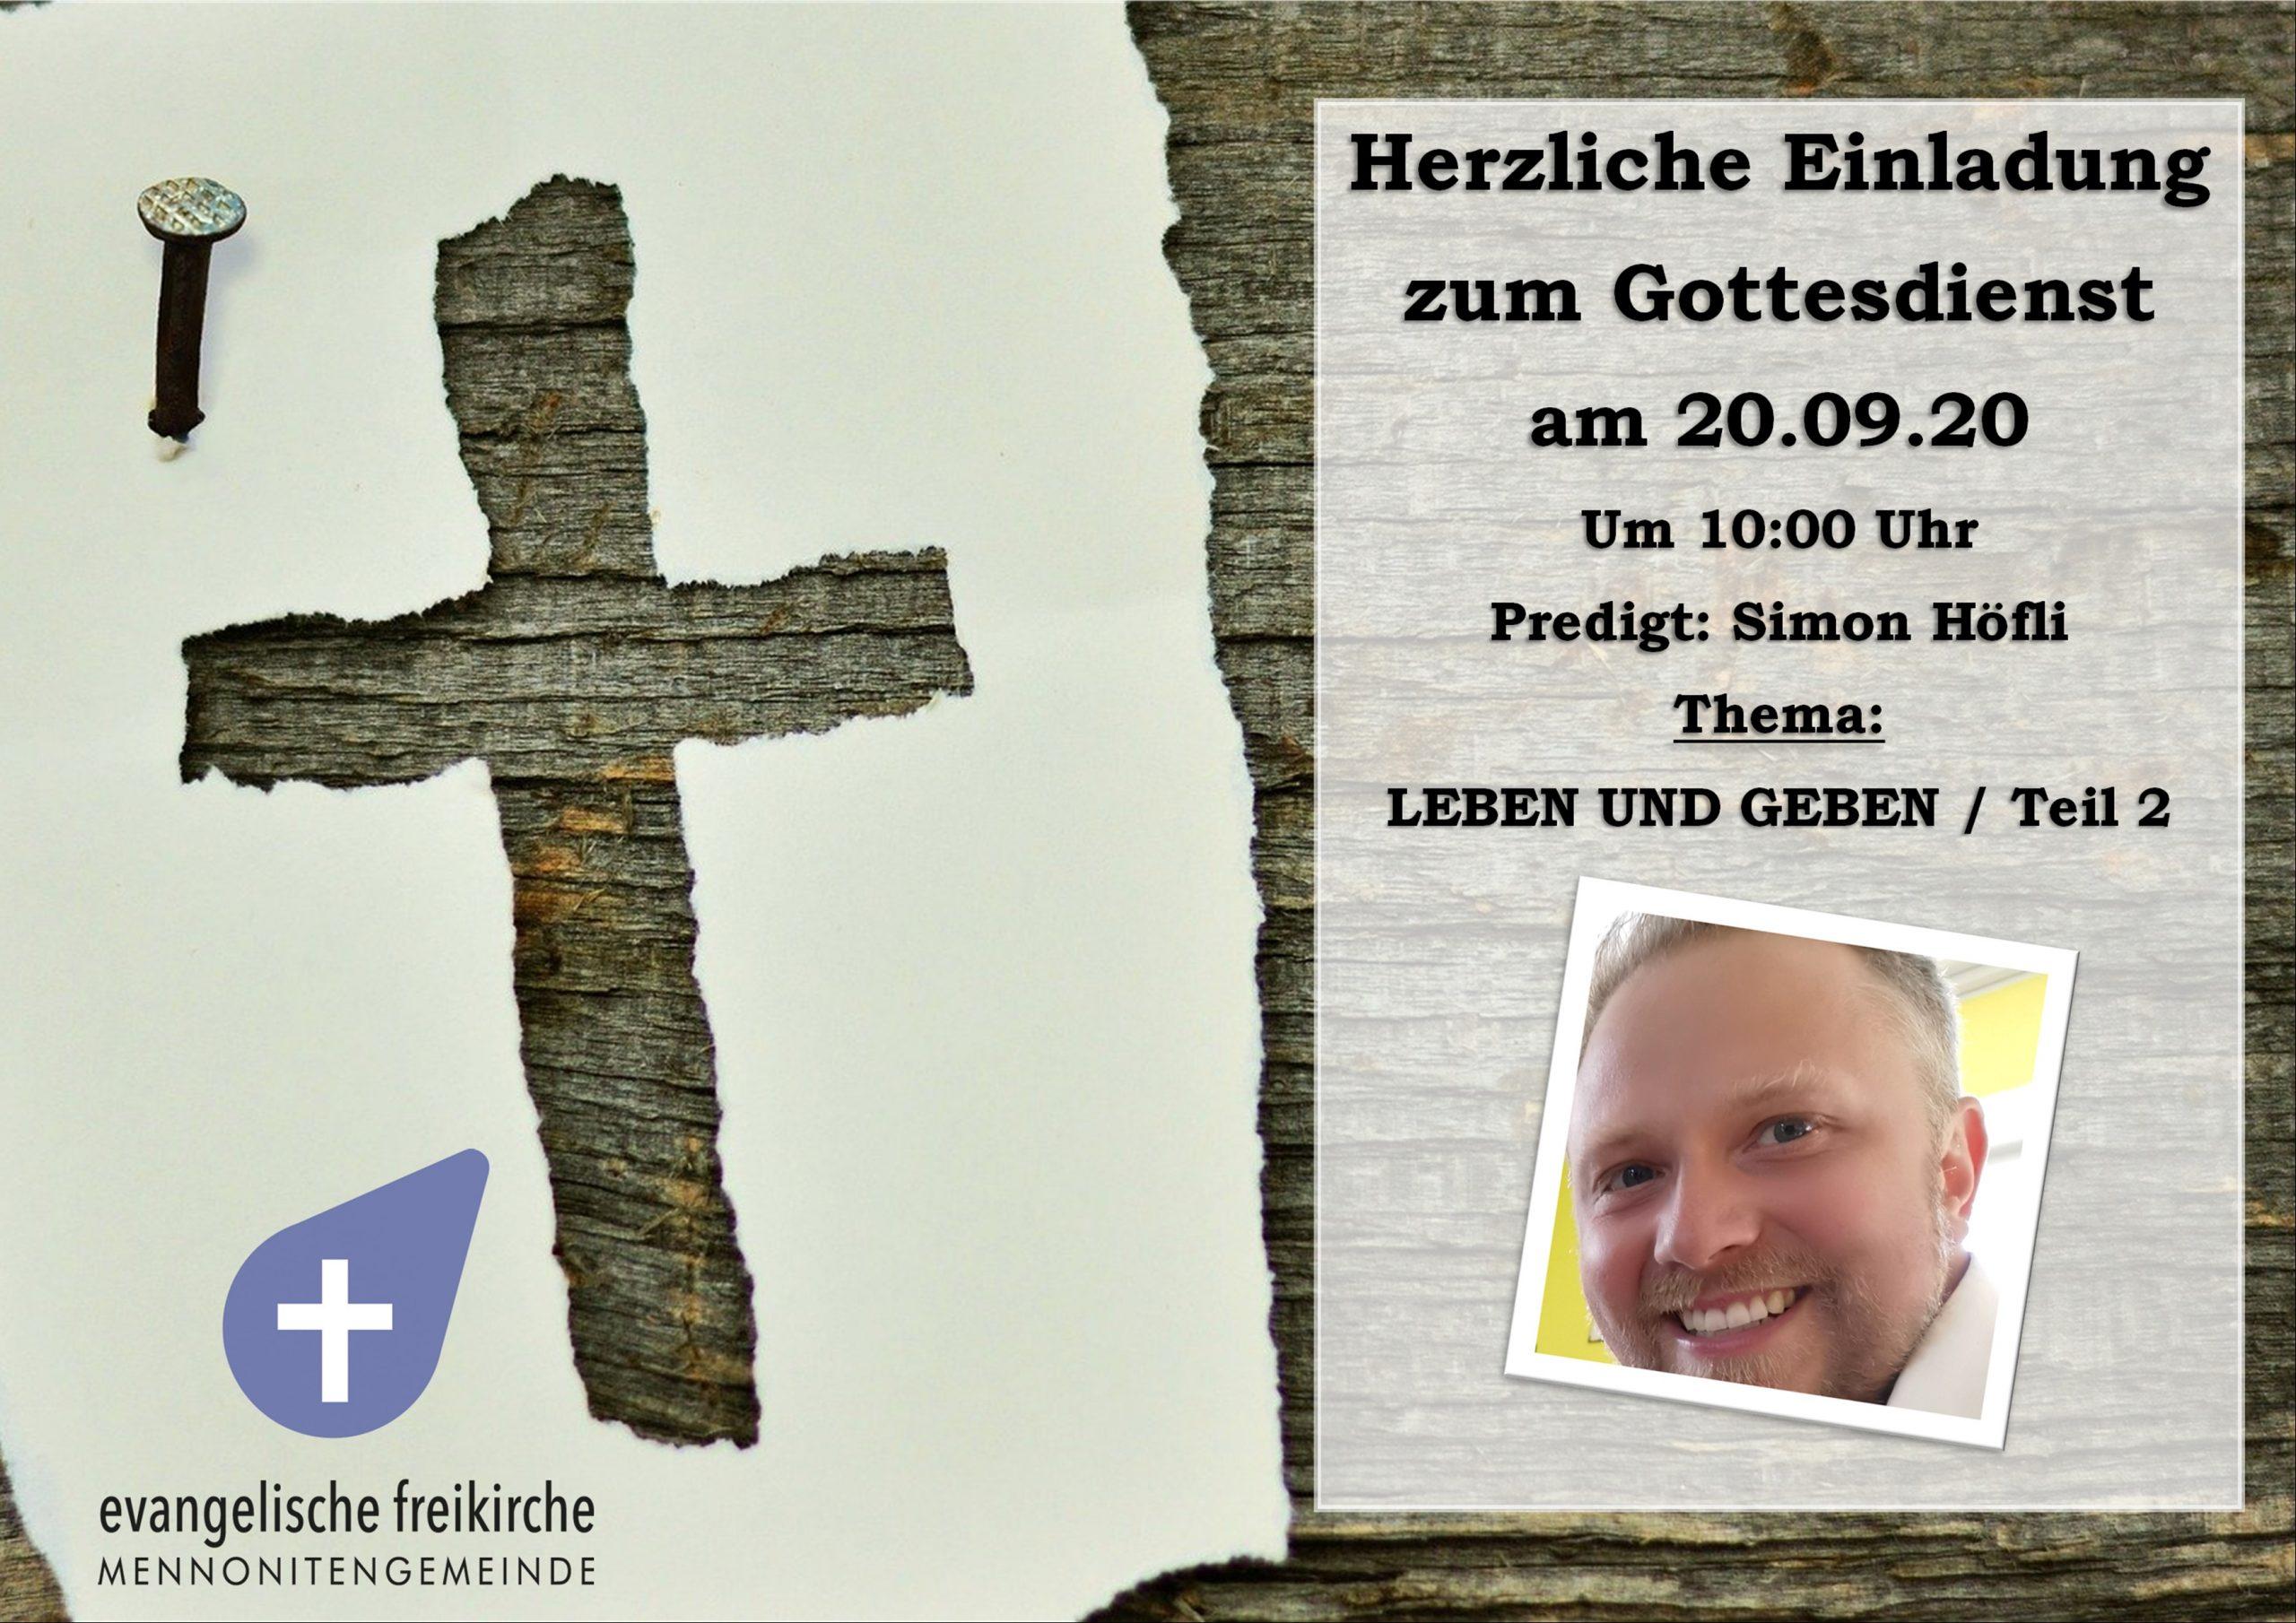 https://www.ev-freikirche-landau.de/wp-content/uploads/2020/09/EL-20.09.20-scaled.jpg